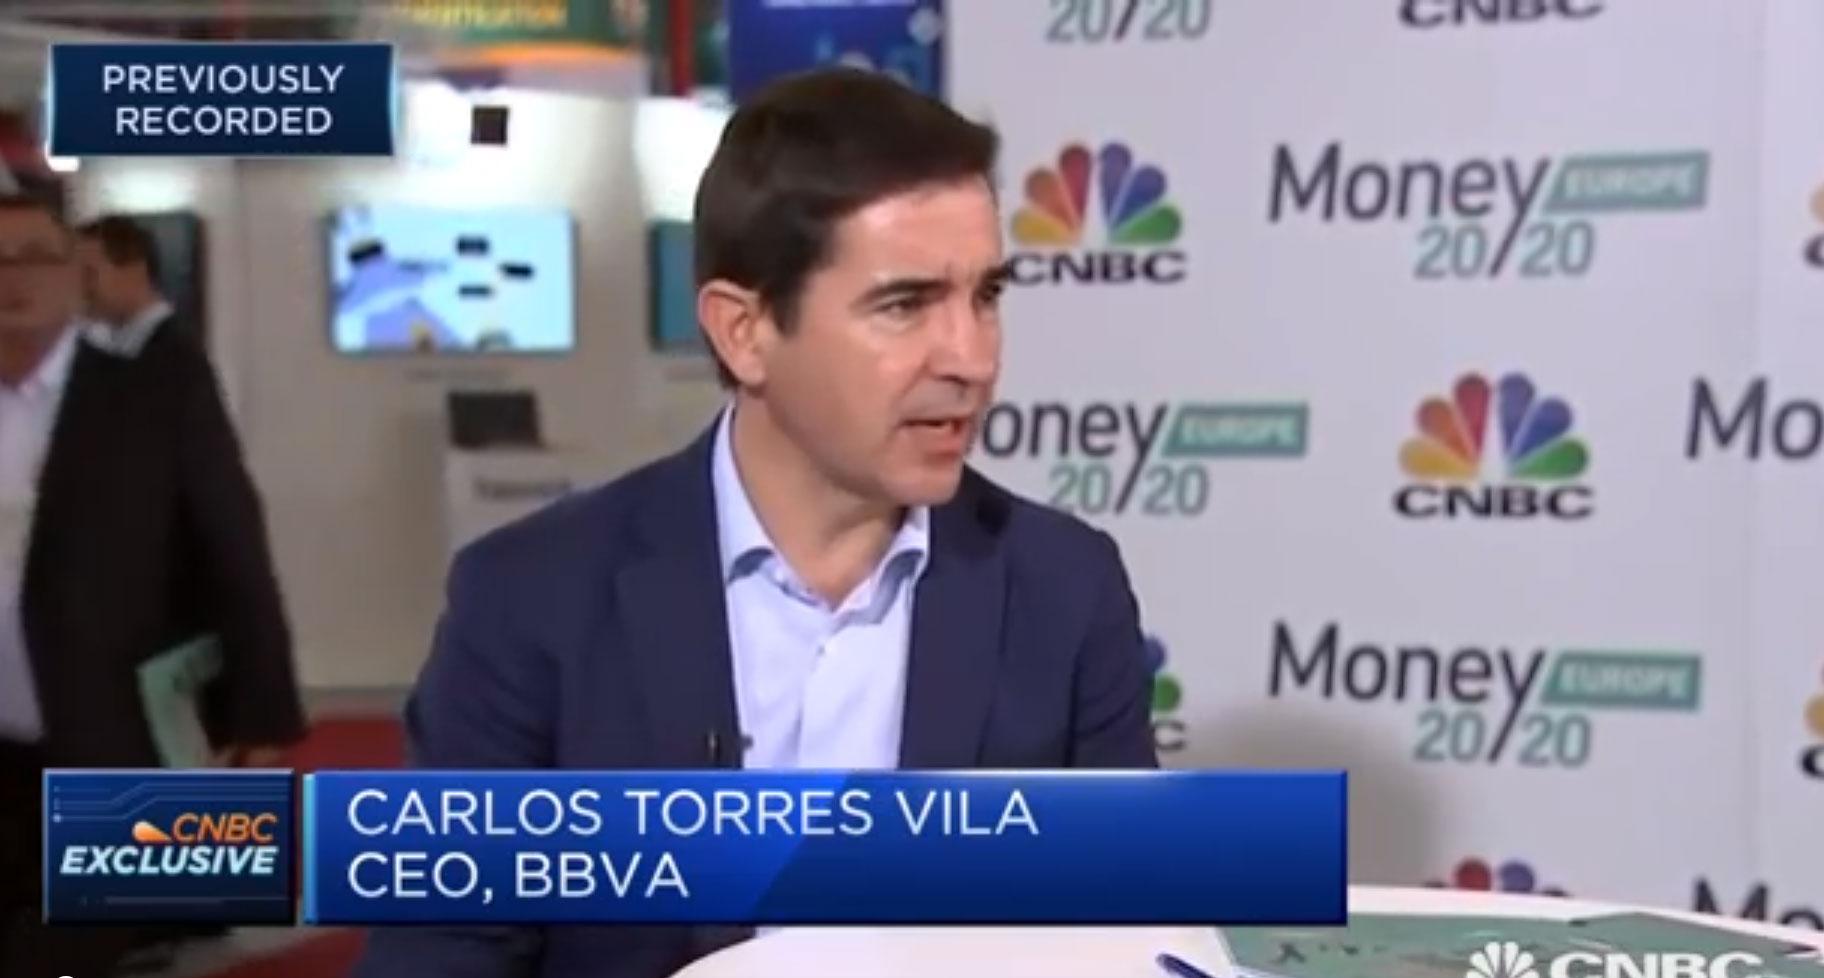 CEO de BBVA Carlos Torres Vila